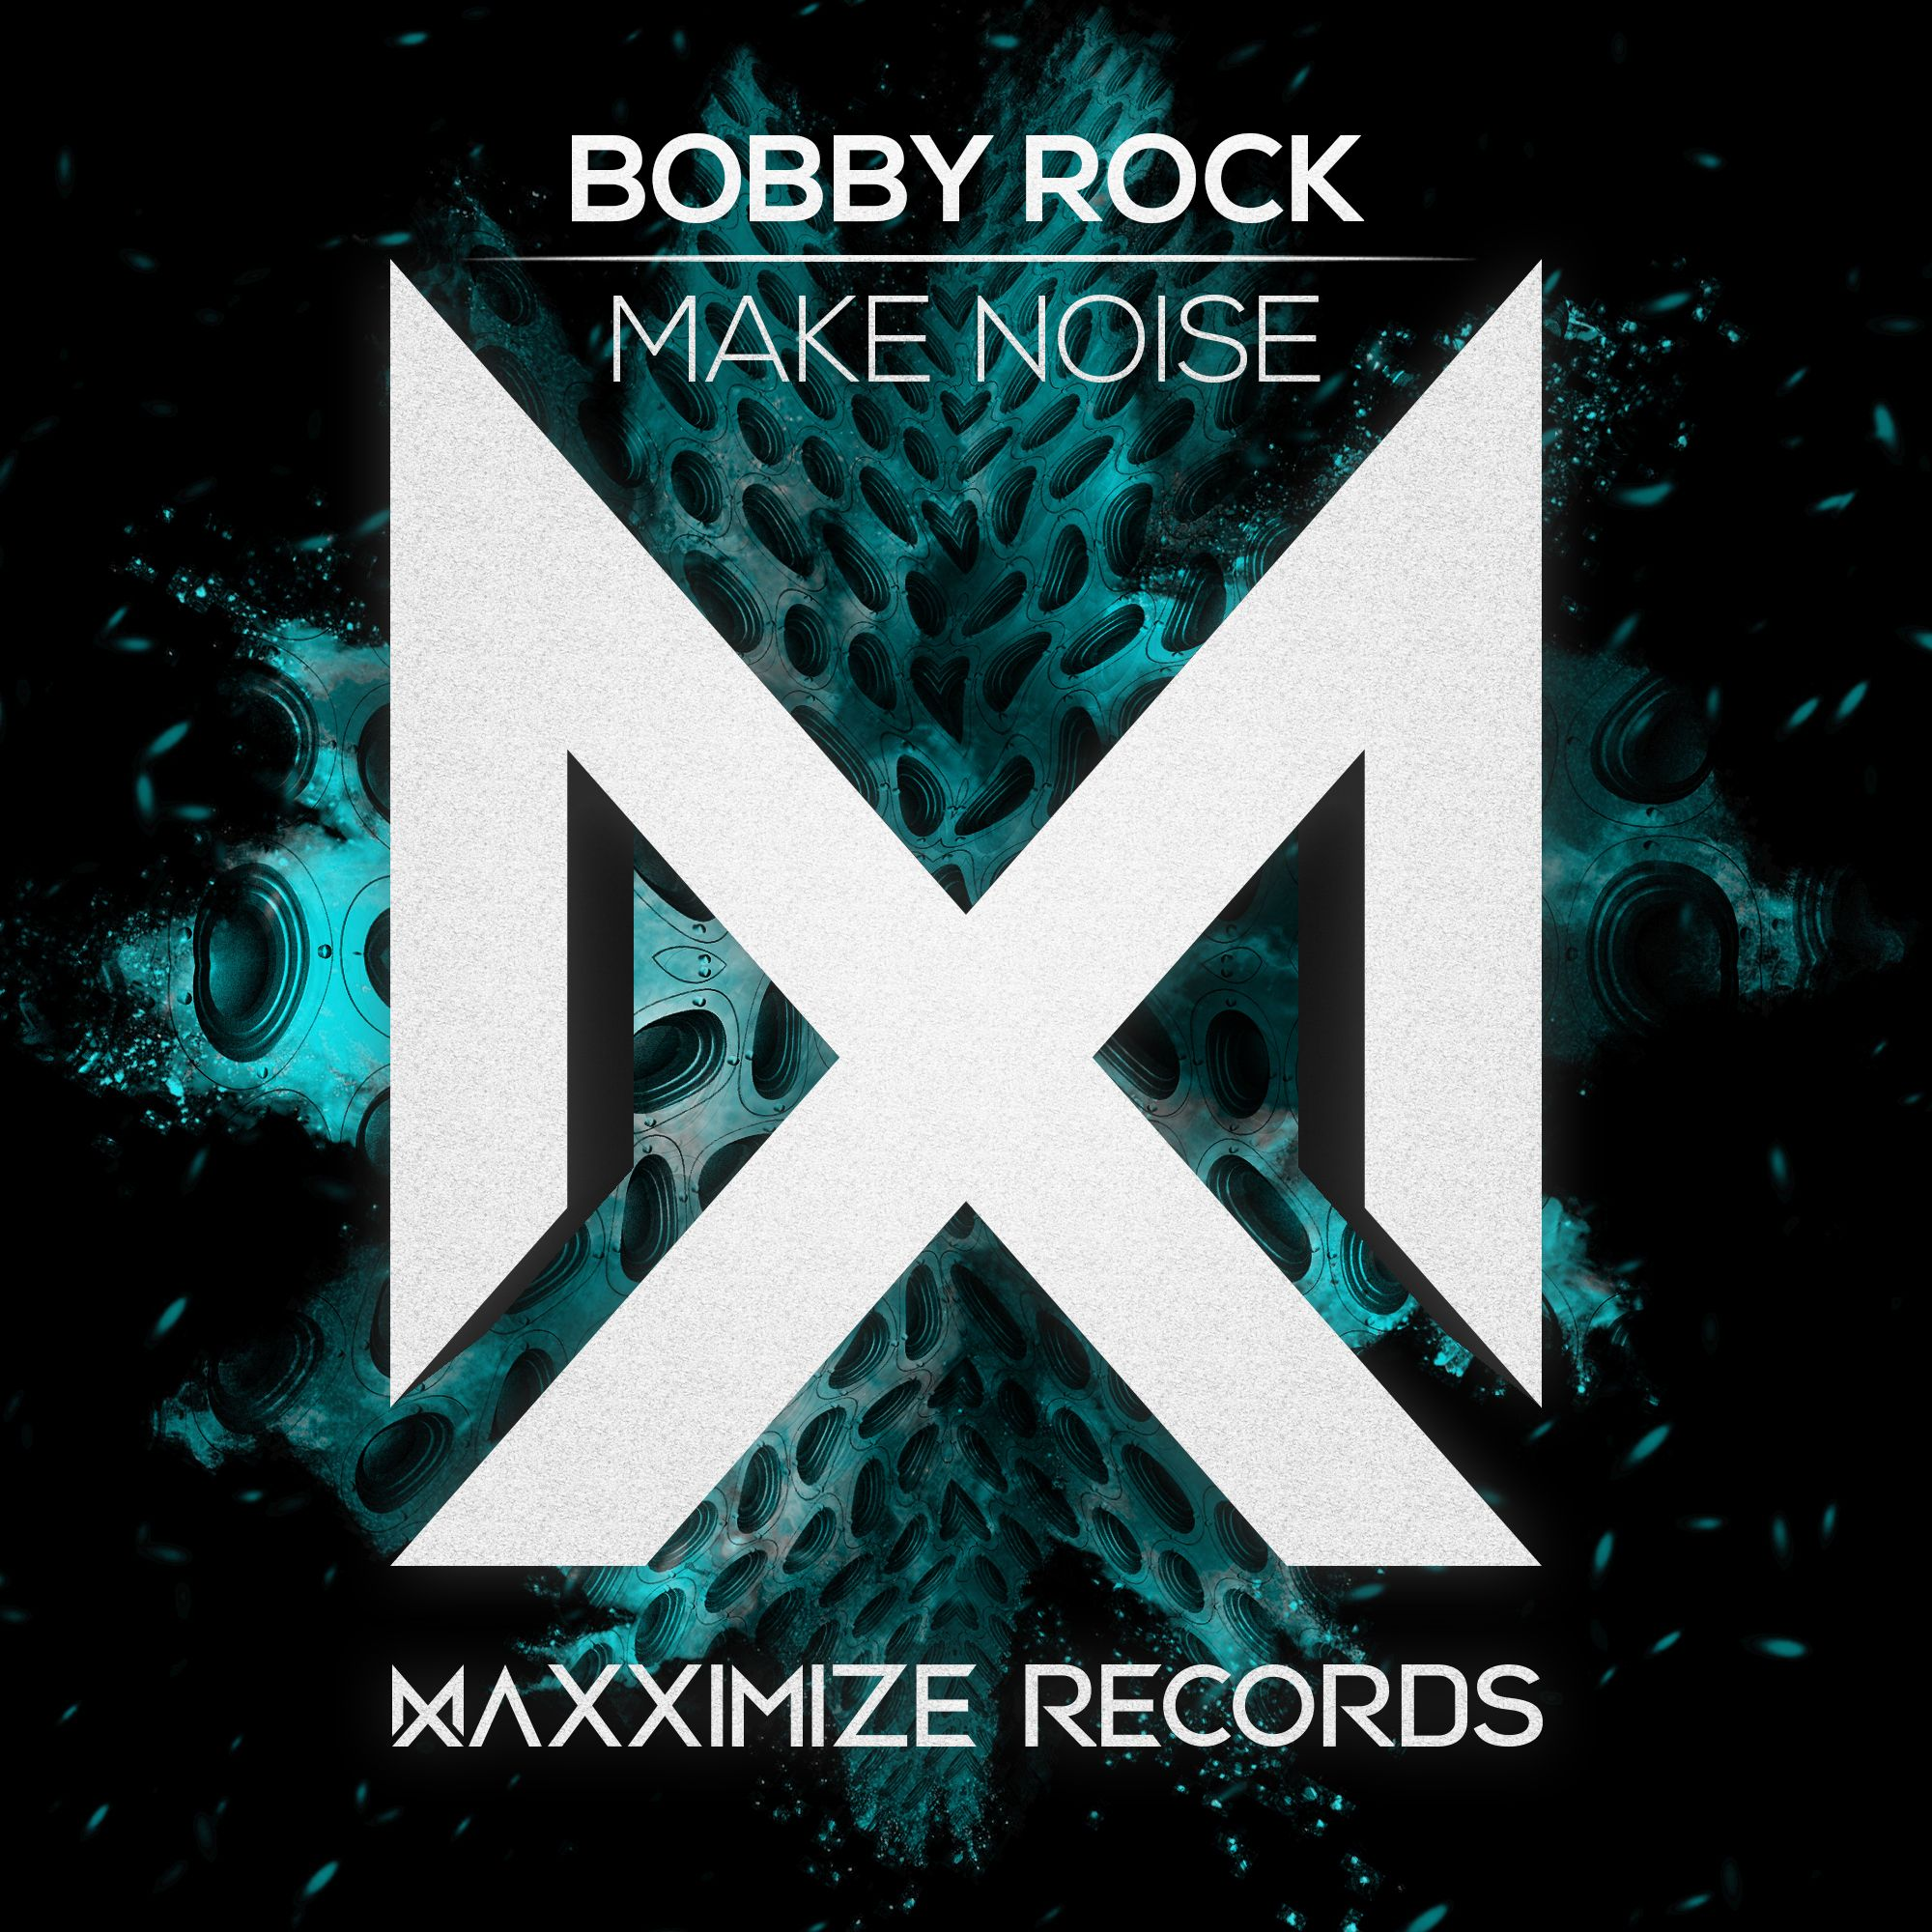 maxx006_bobby_rock_make_noise_cover_hr.jpg